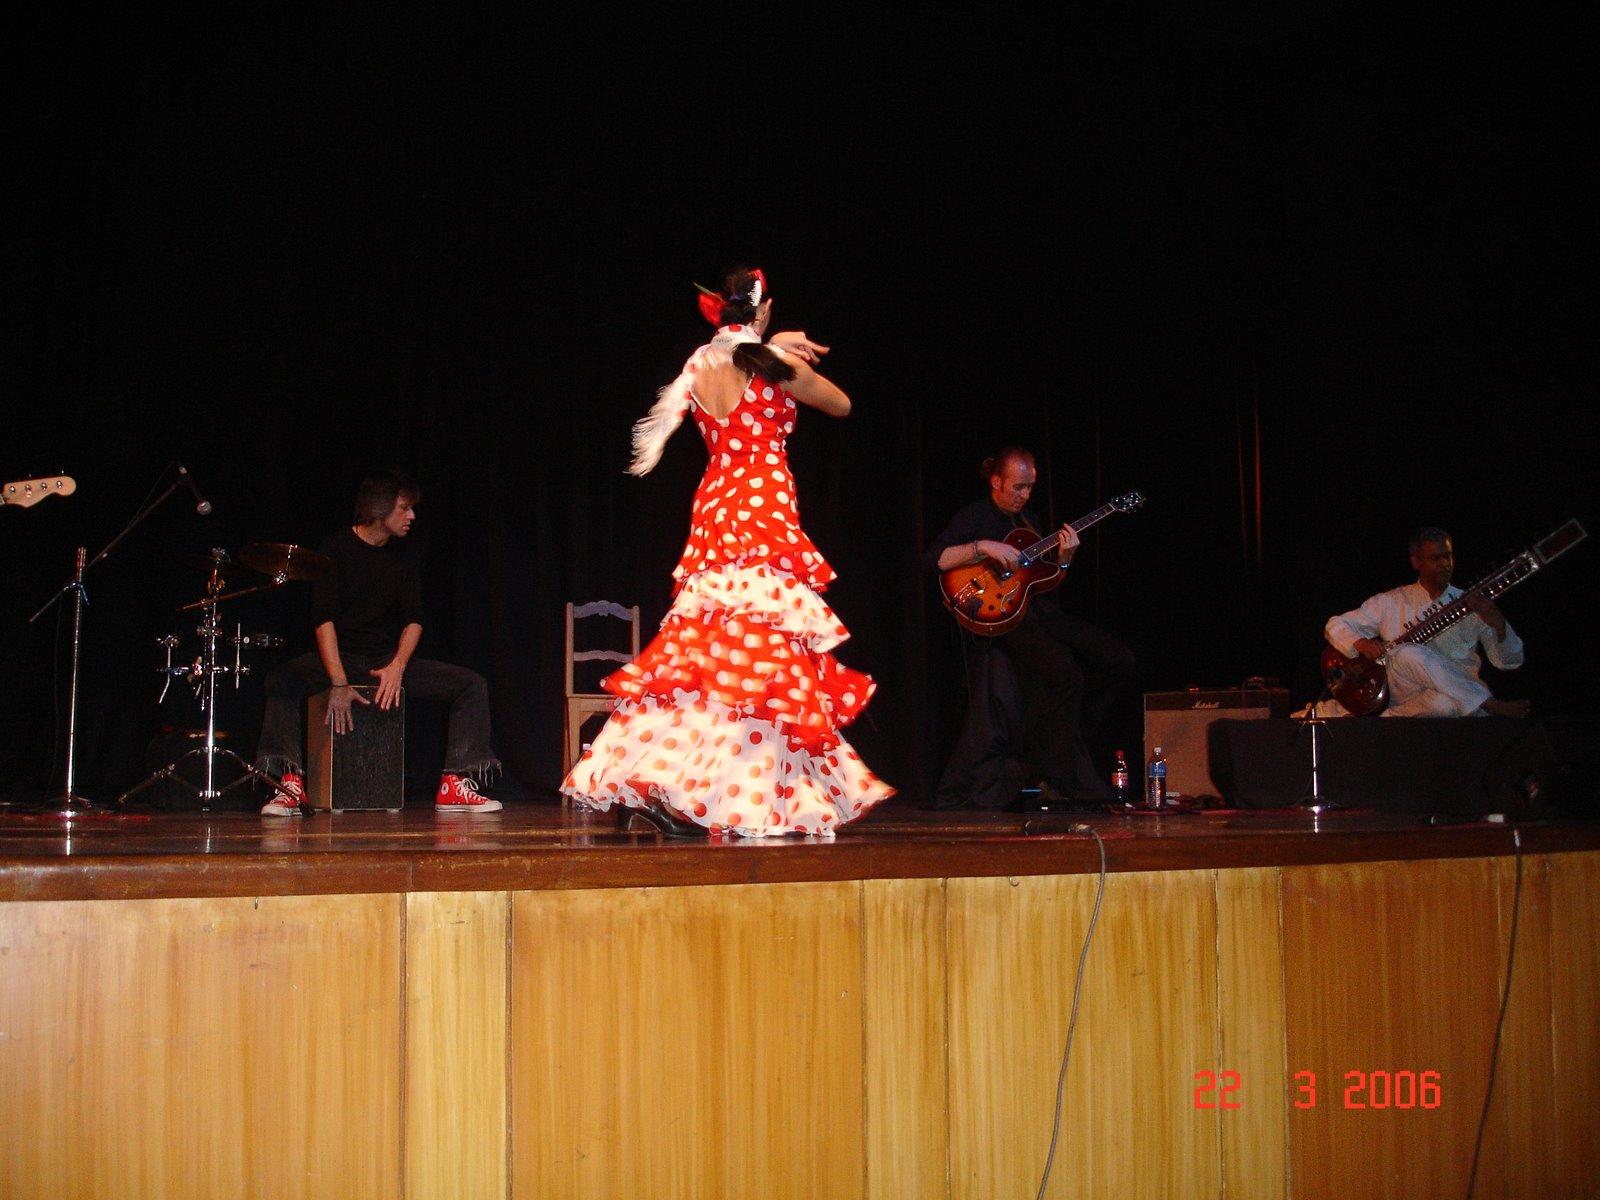 [flamenco+024.jpg]